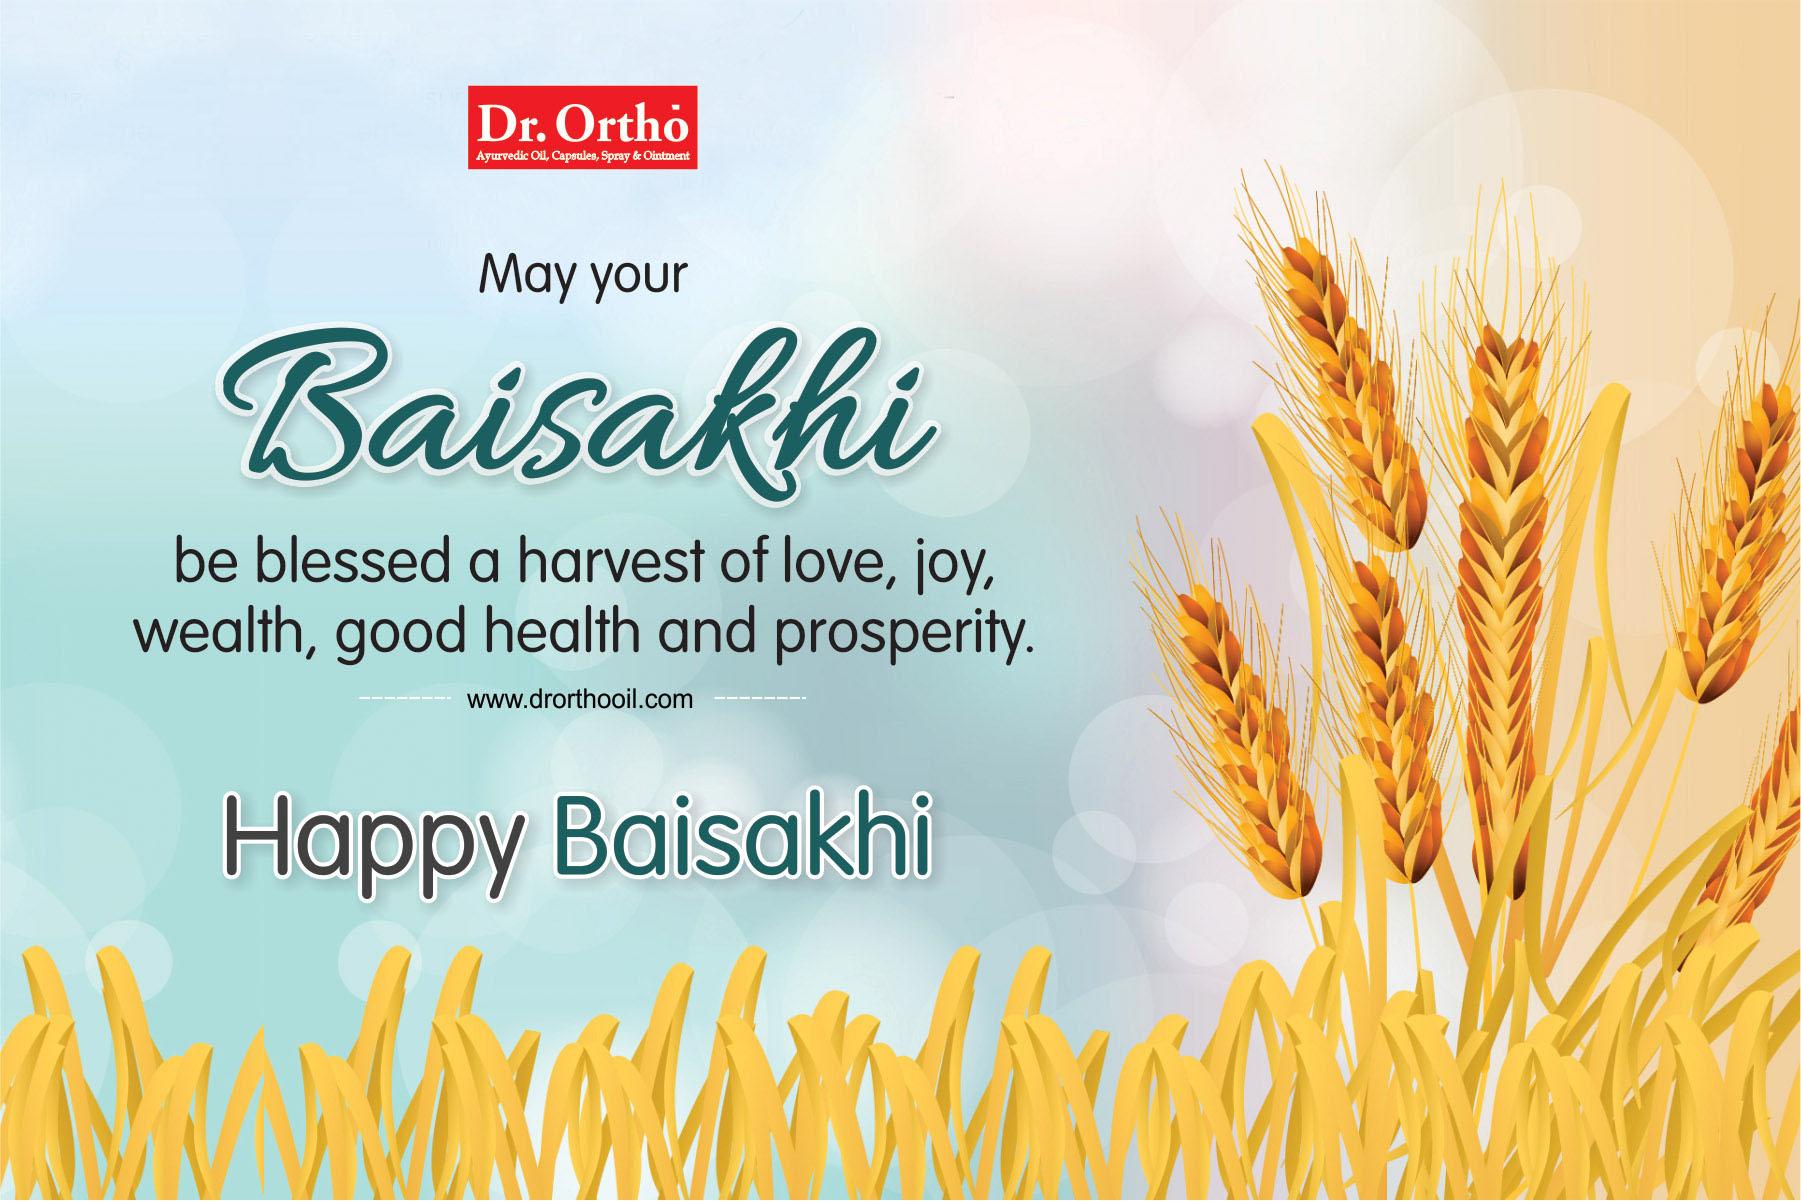 13 April 2018, Baisakhi Day, Indian Festival, Dr. Ortho